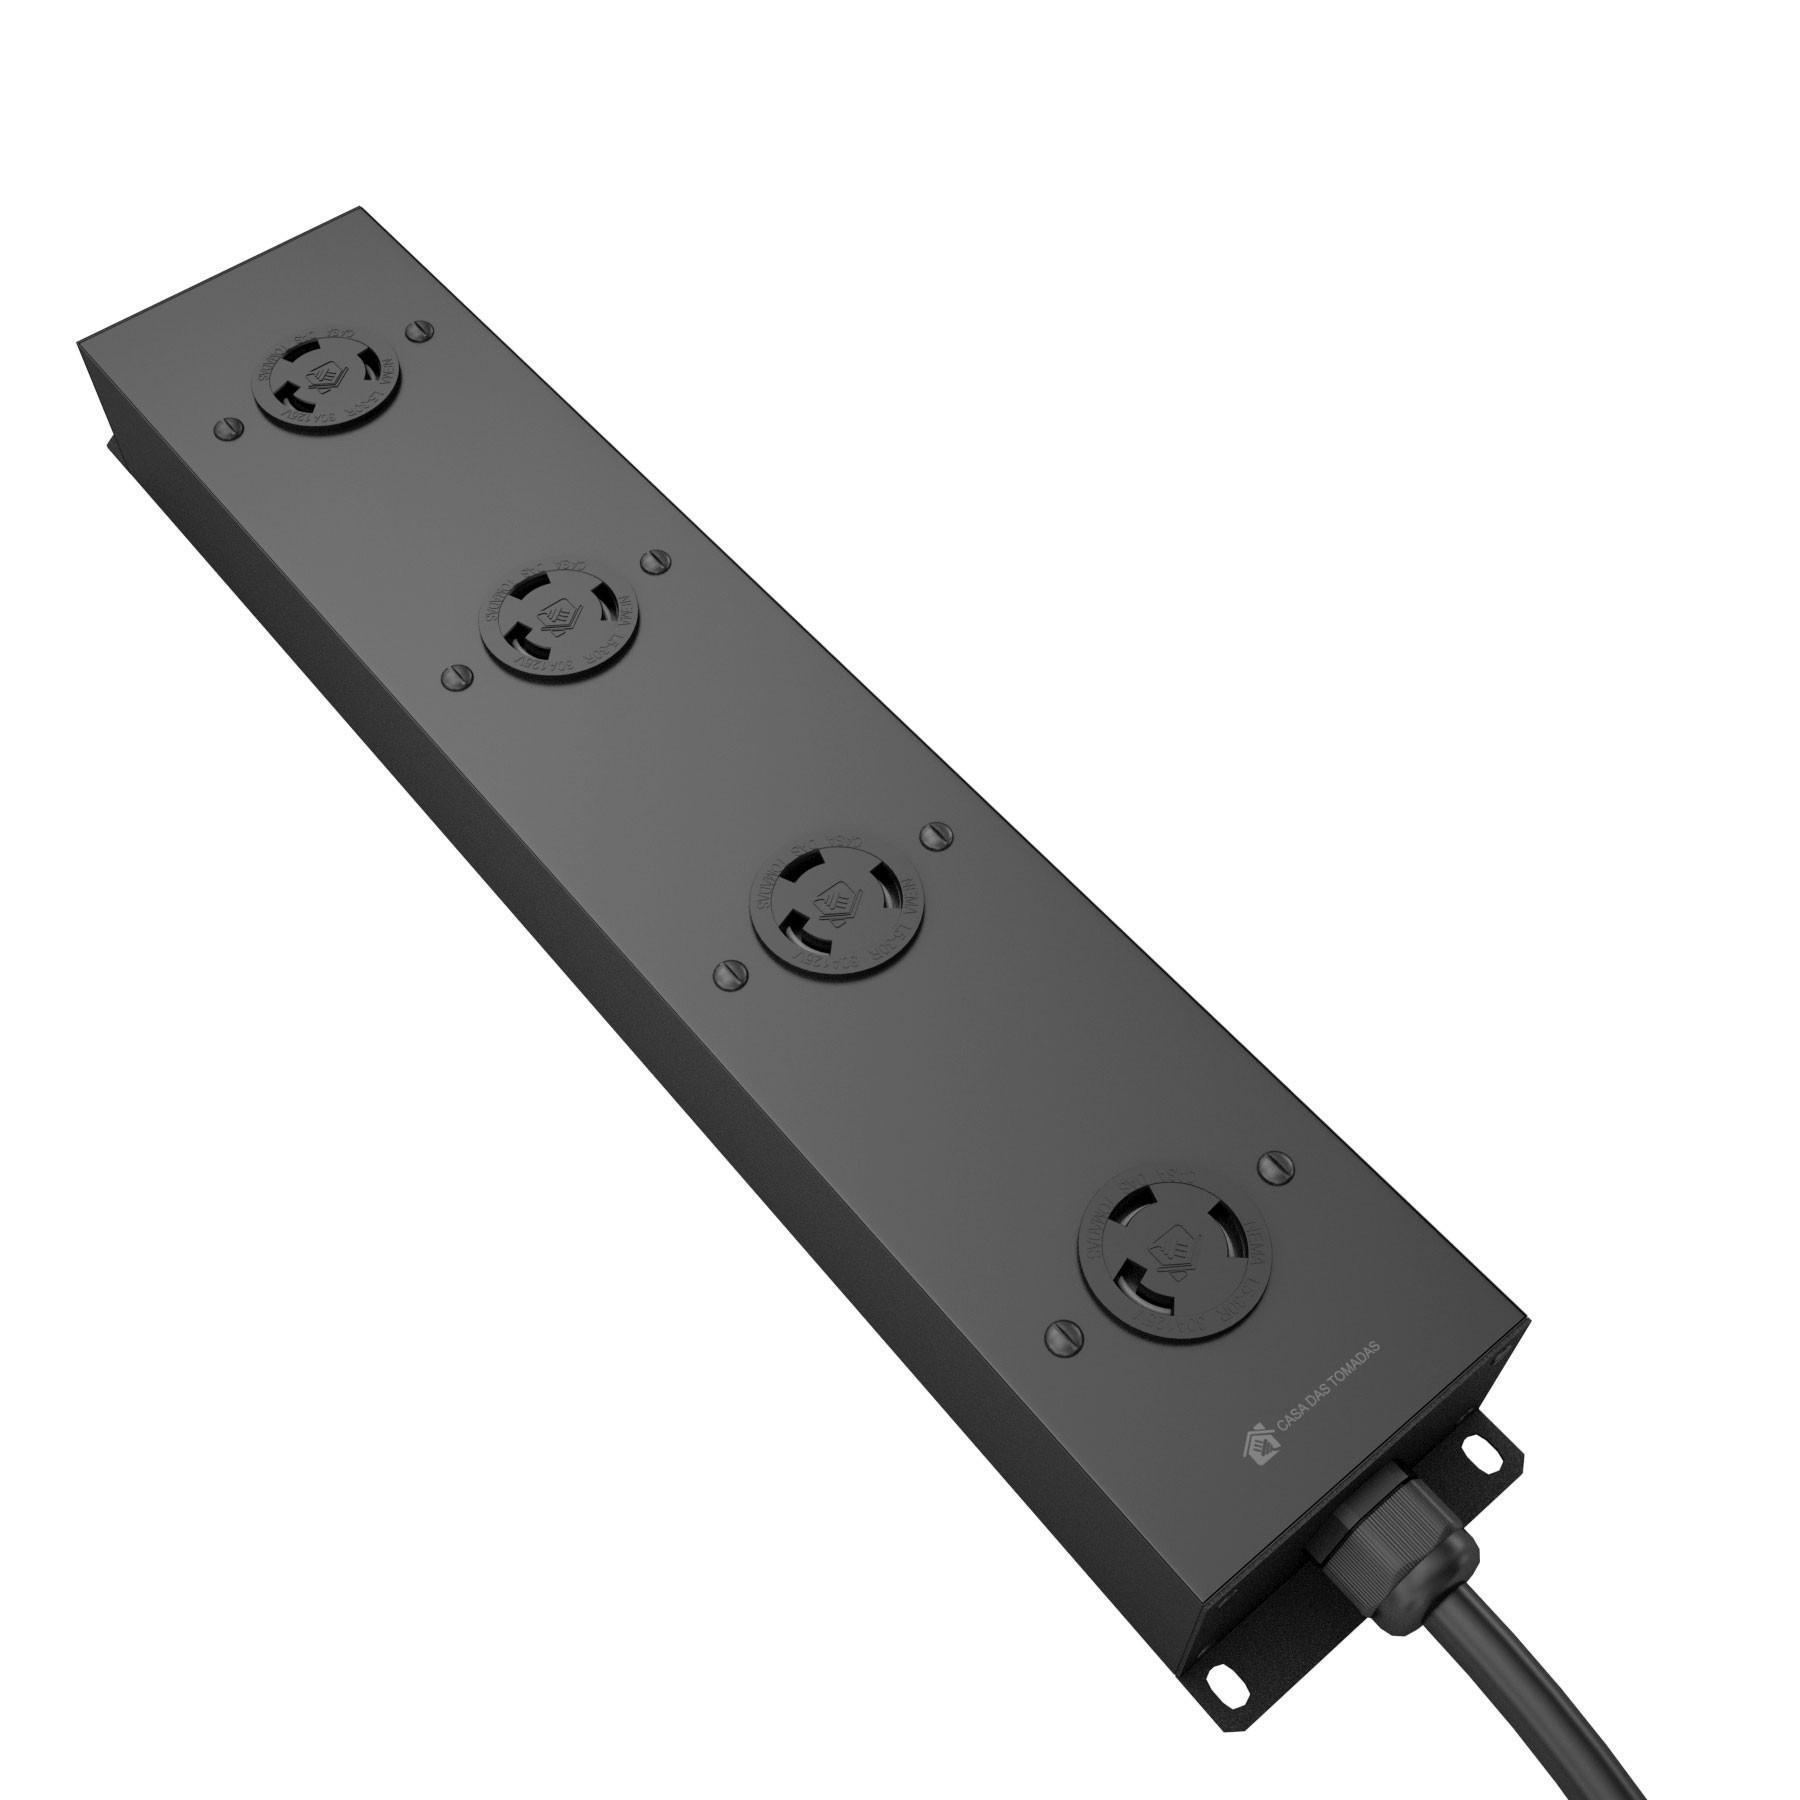 PDU 36A com 4 tomadas L5-30R padrão Nema Lock 30A - Sem plugue